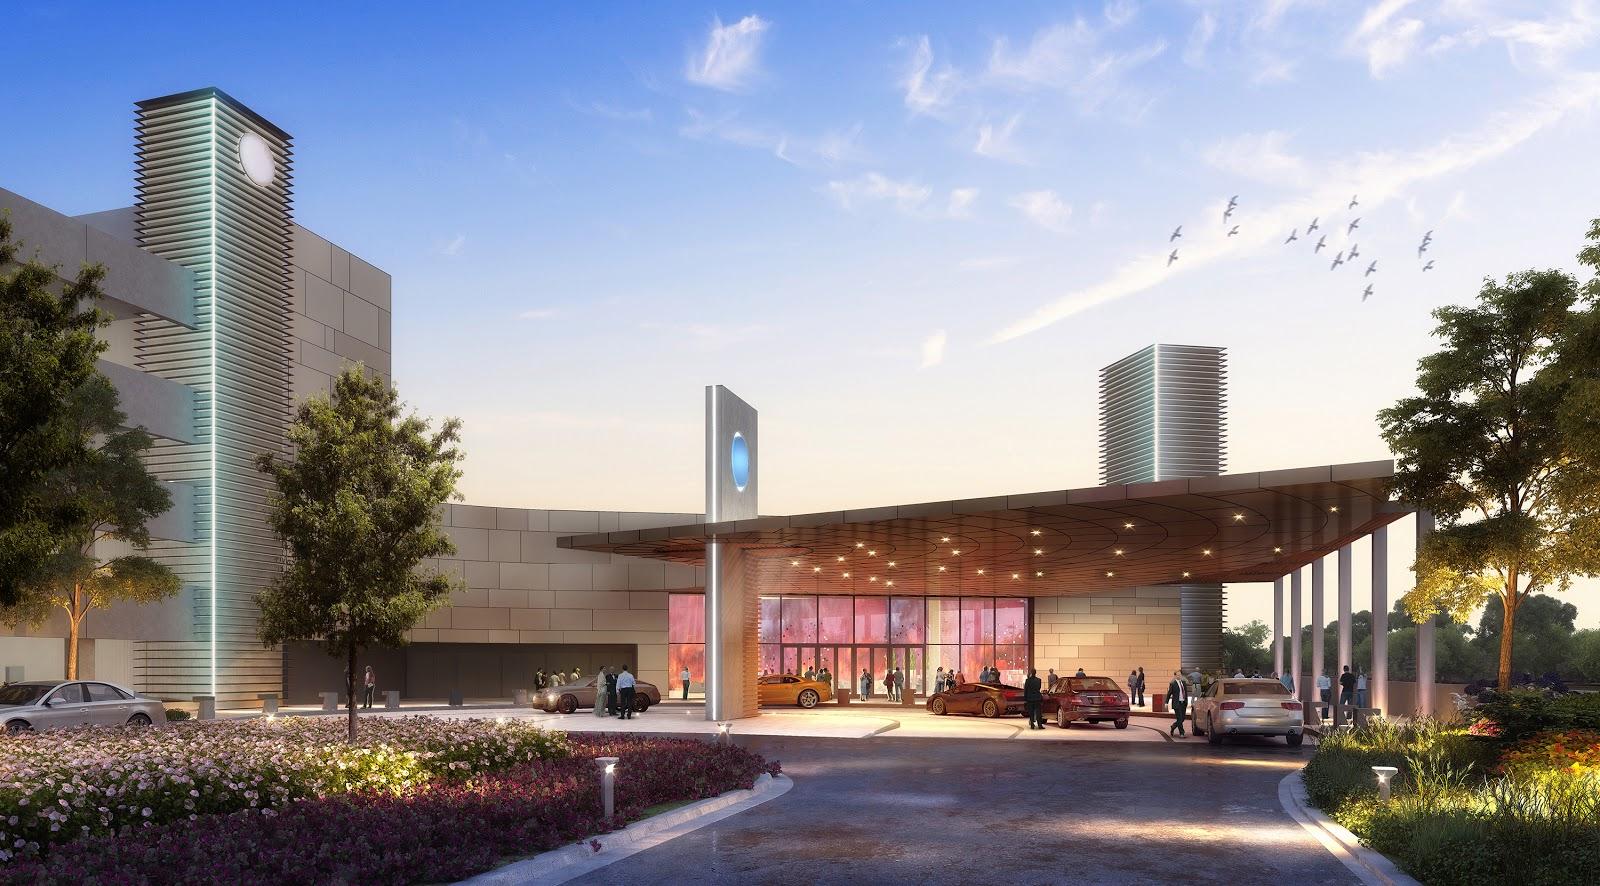 New East Windsor casino rendering_1528985234721.jpg.jpg